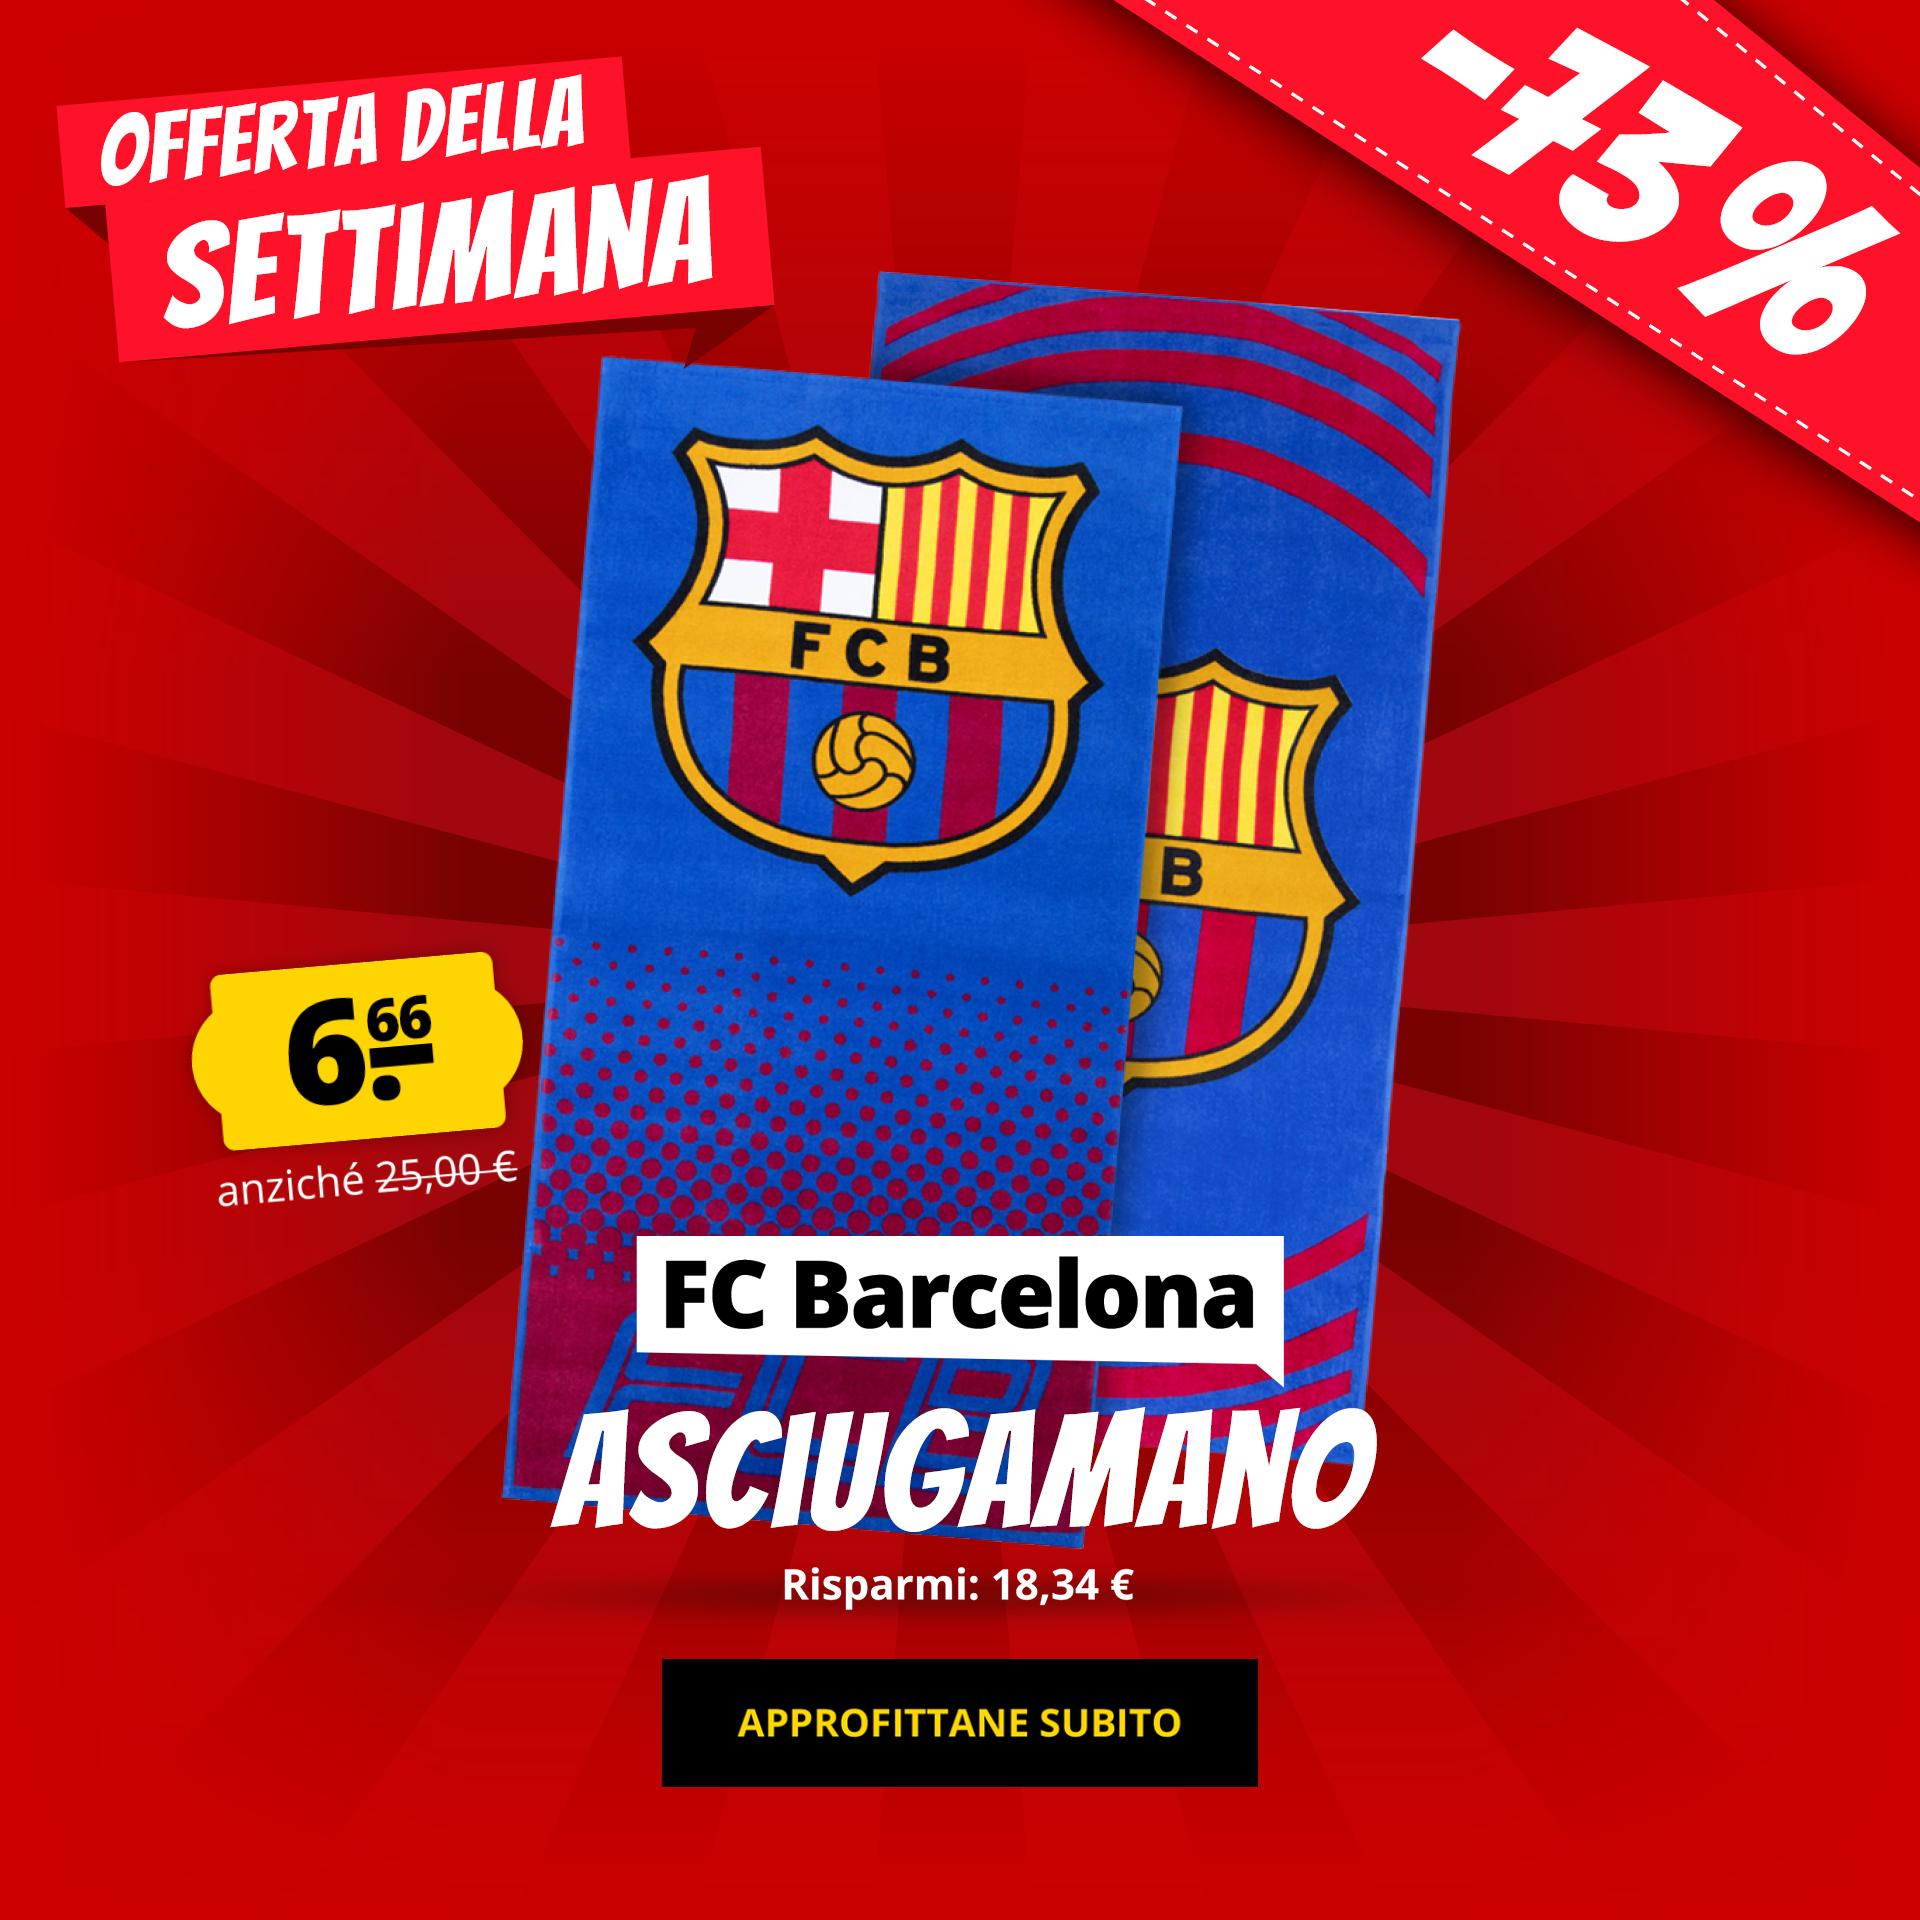 FC Barcelona Asciugamano solo 6,66 €